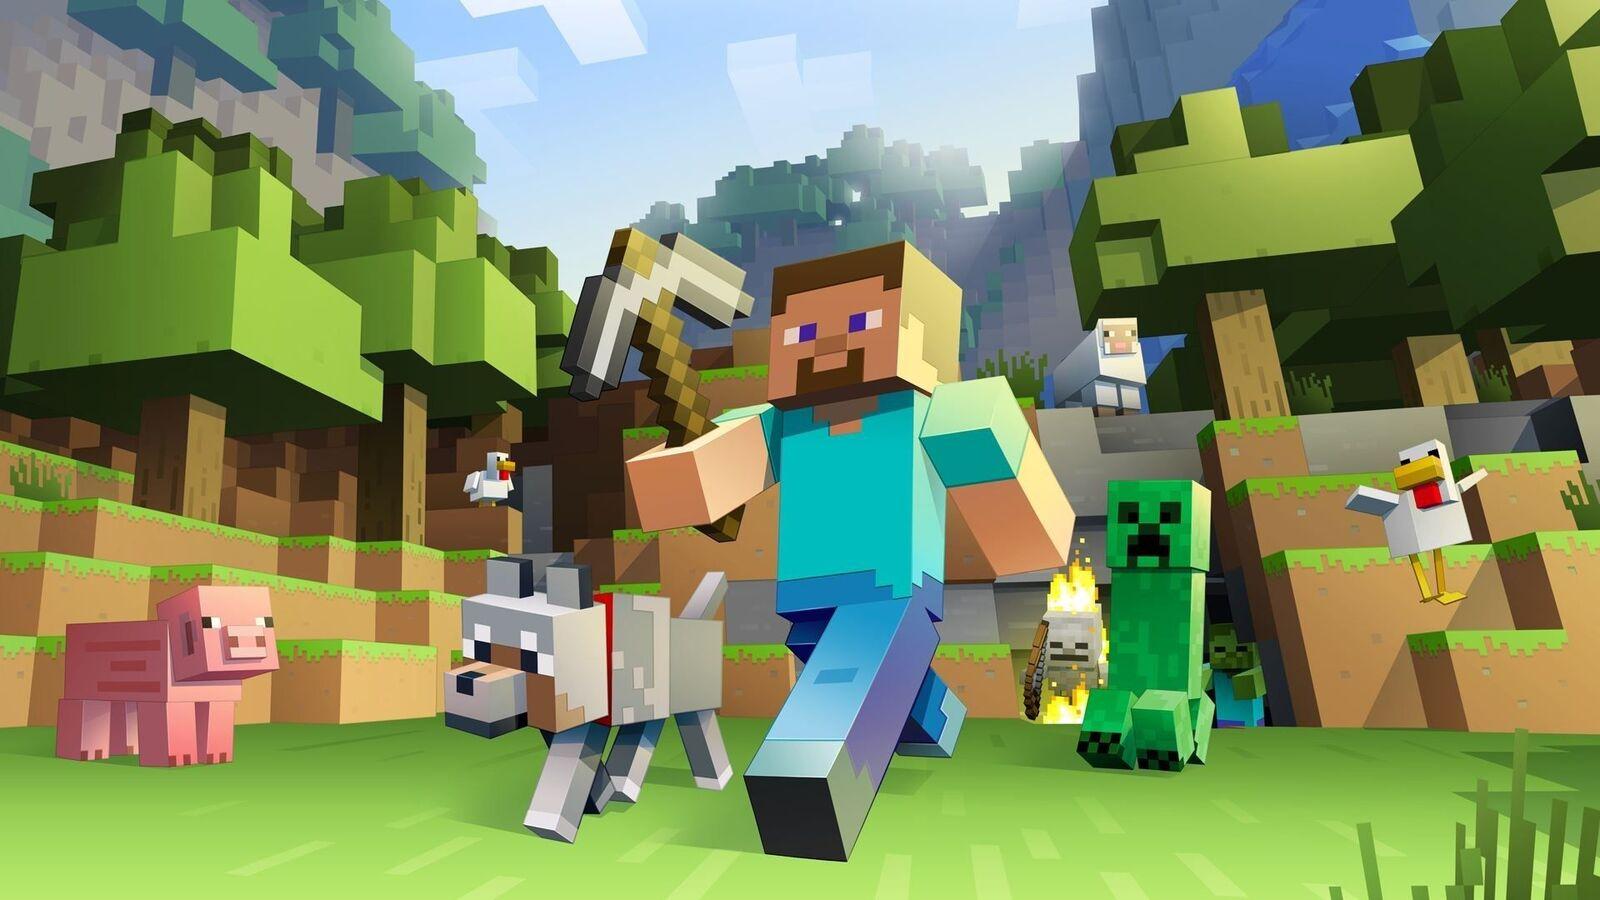 خلفيات لعبة Minecraft اجمل صور ماين كرافت عالية الجودة صقور الإبدآع